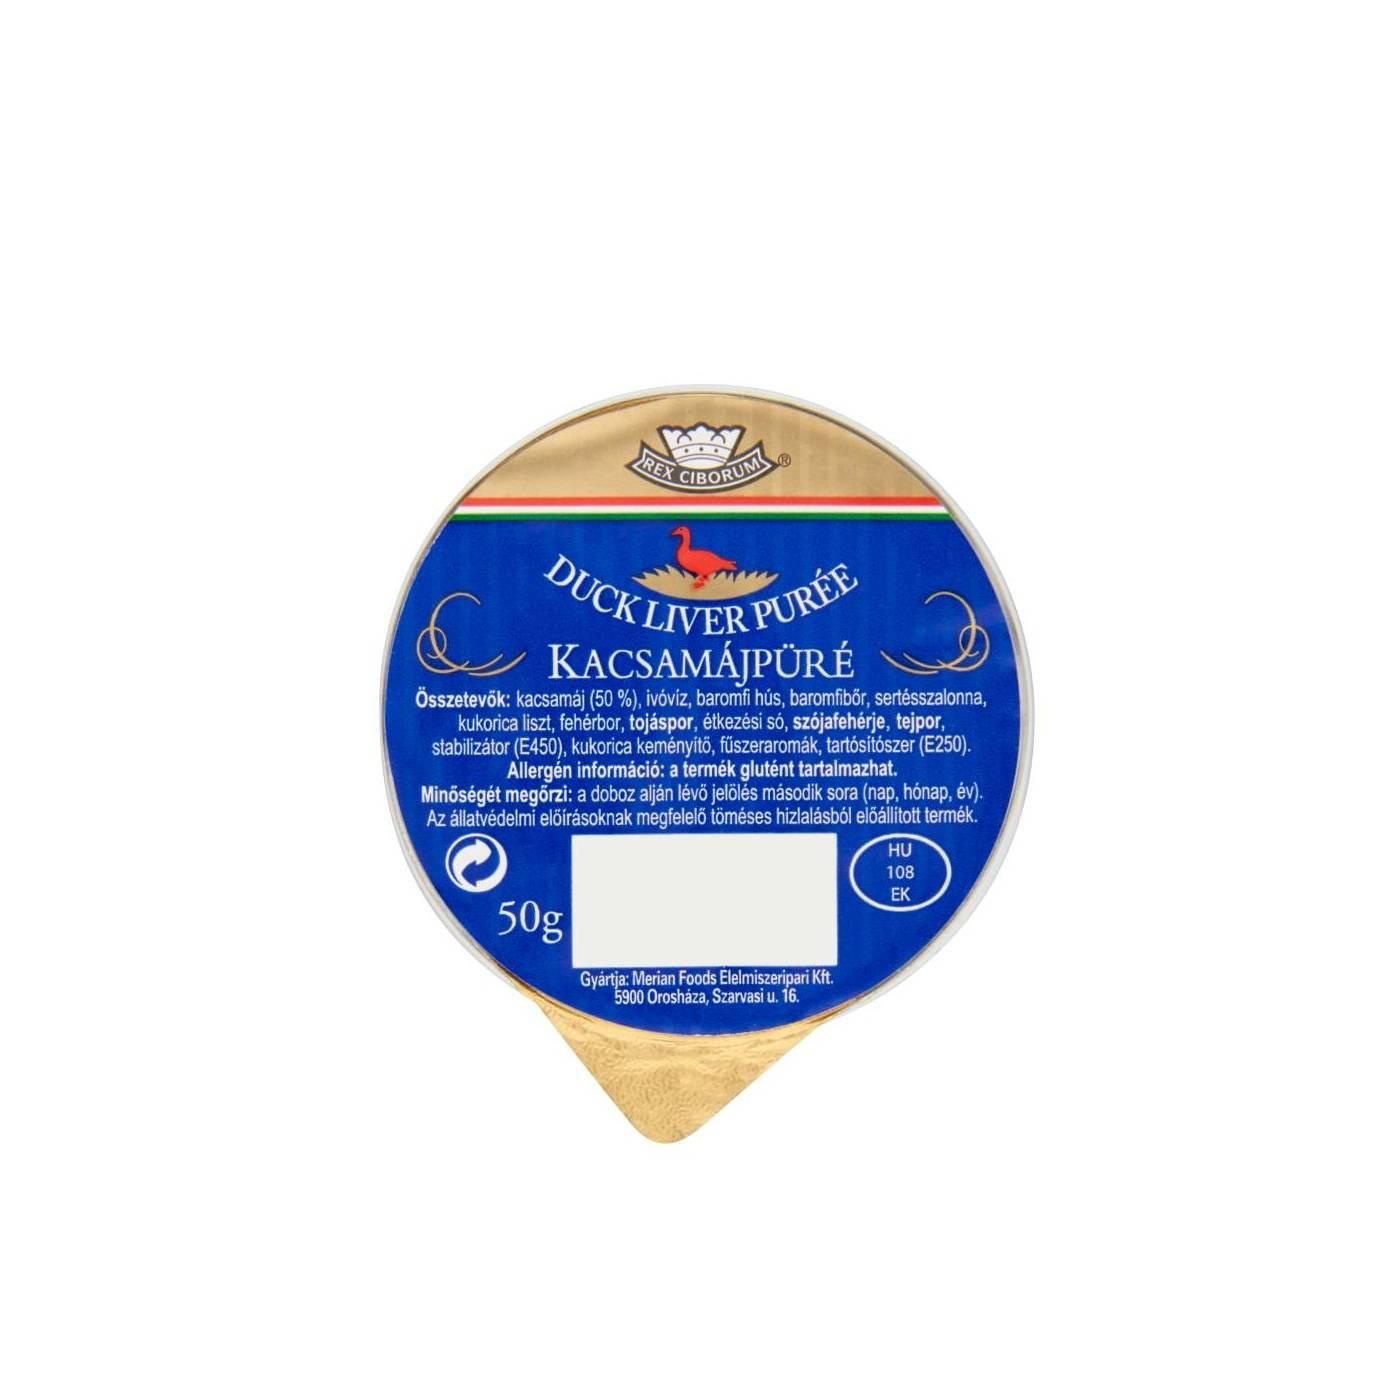 Foie gras de rata, pate 50g